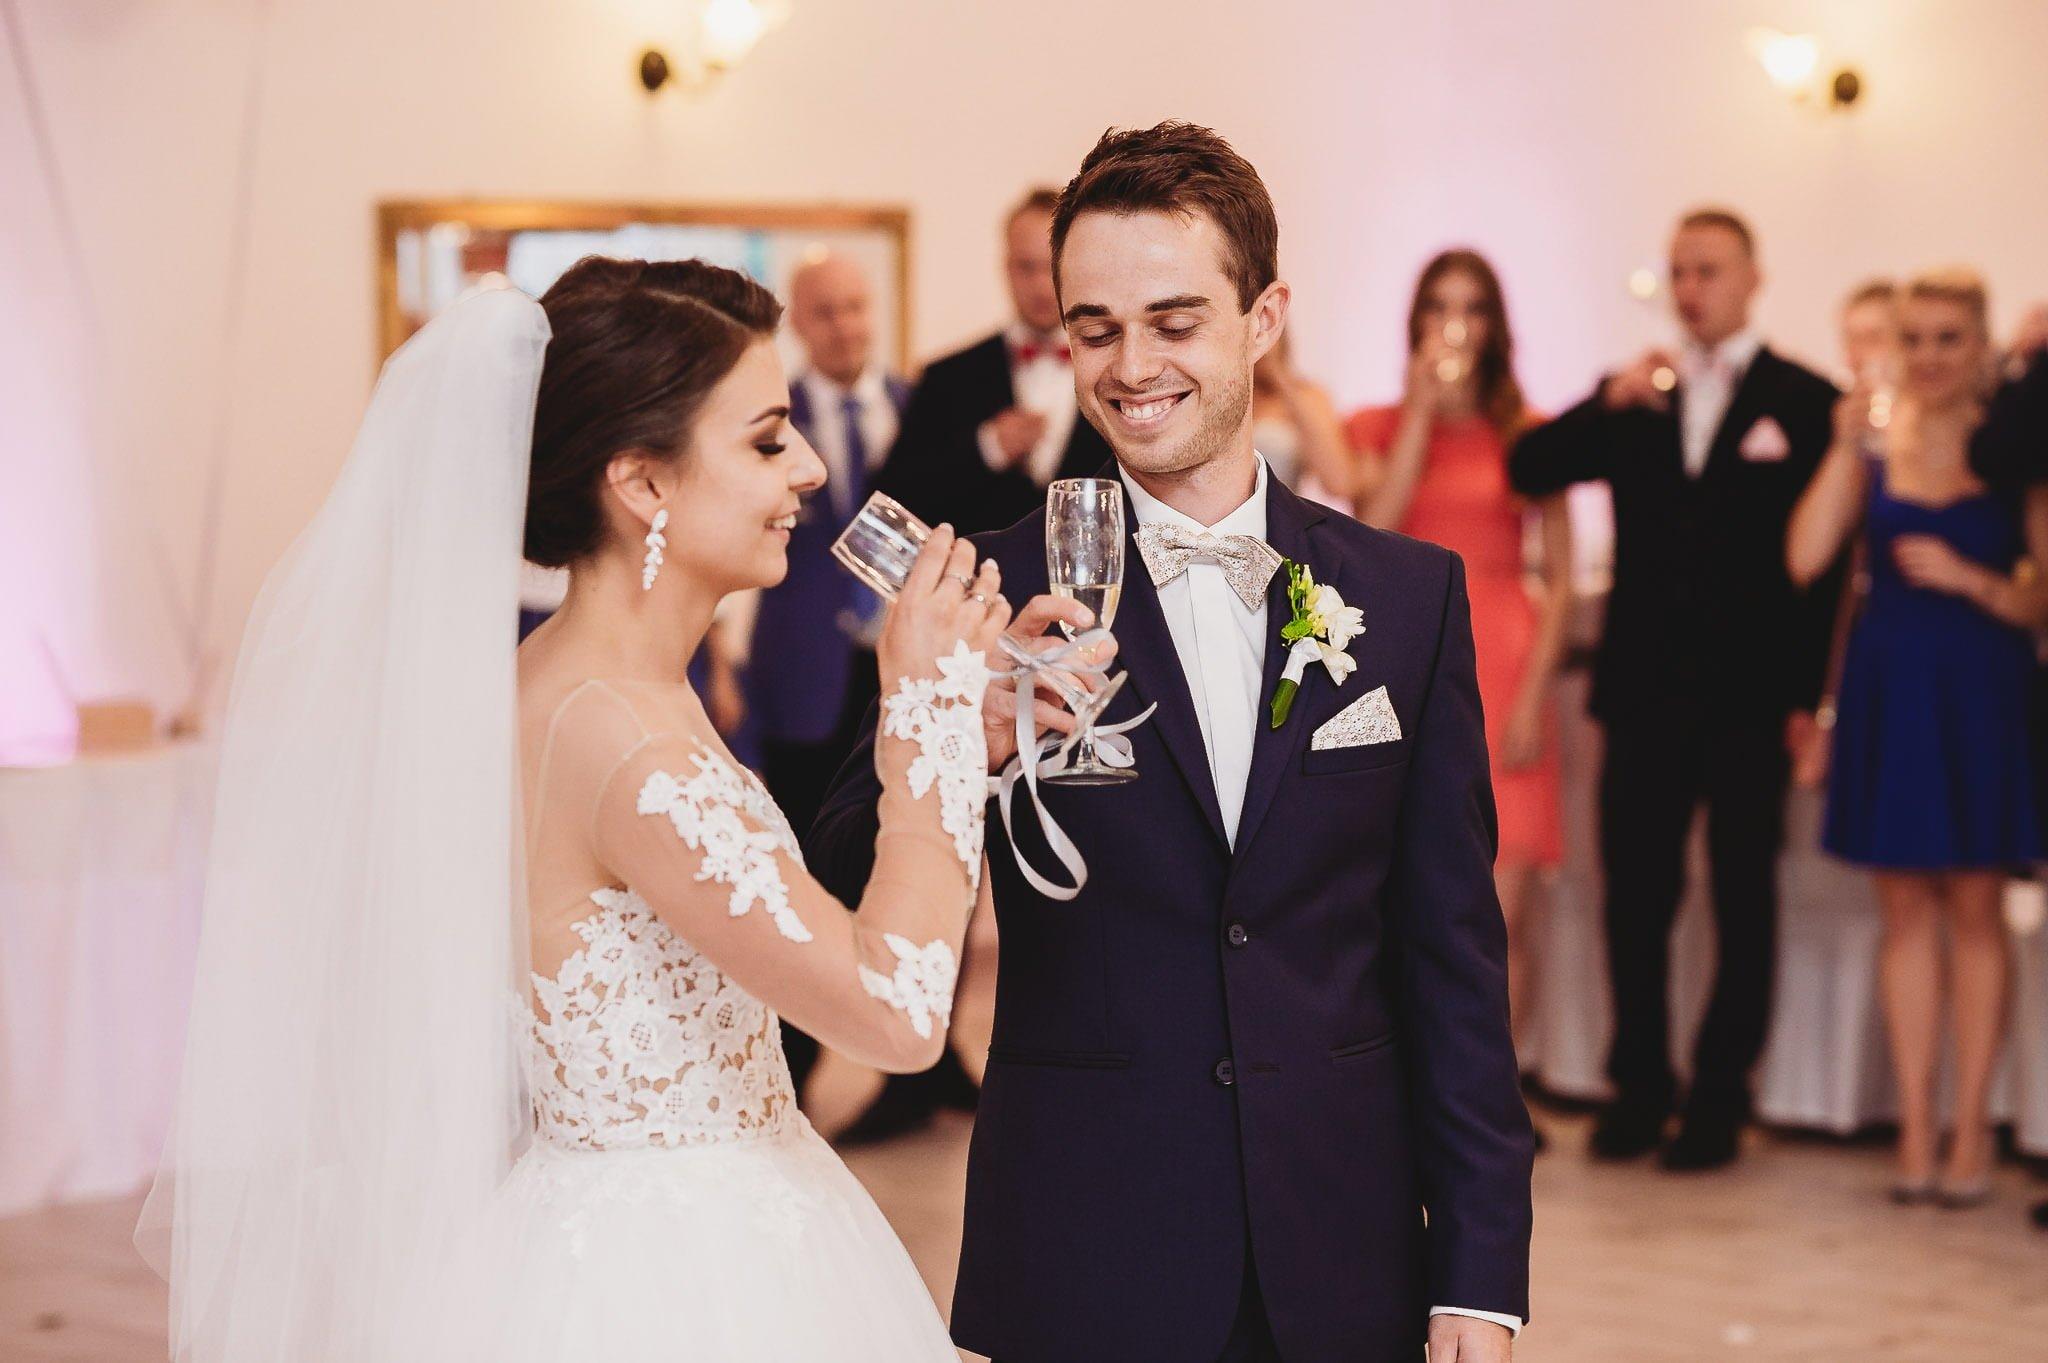 Angelika i Michał, piękne zdjęcia ślubne i sesja plenerowa w Gołuchowie 146